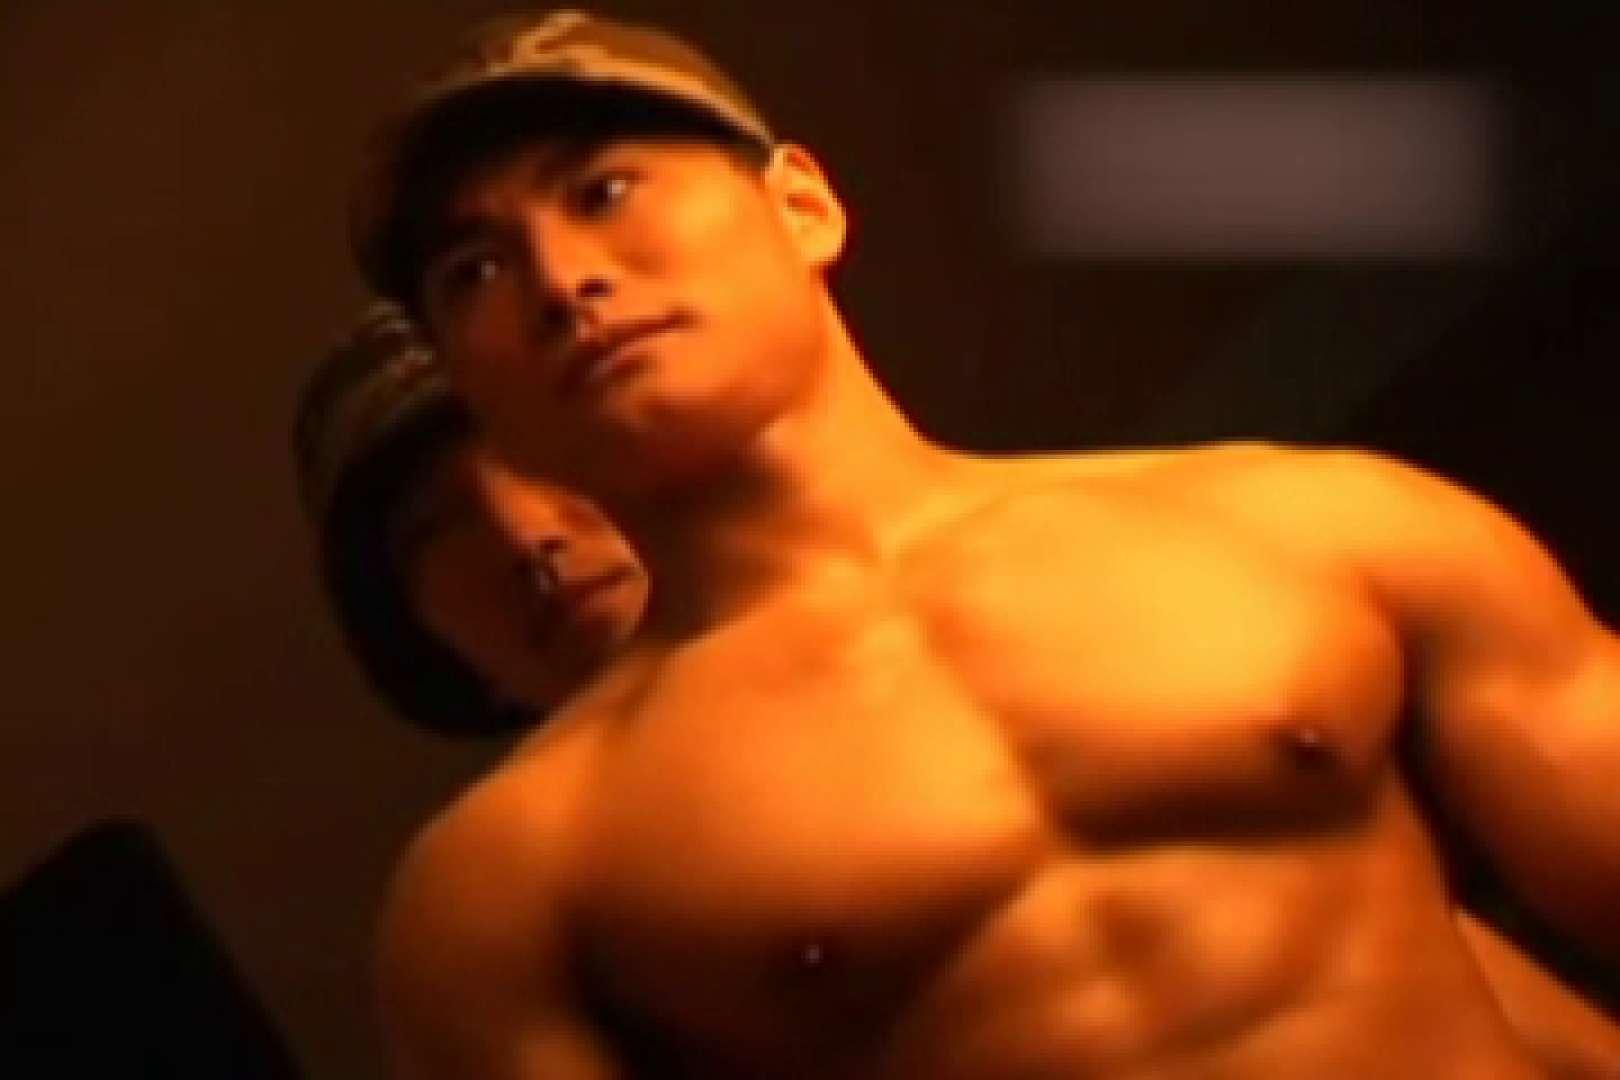 流出!!メンズスーパーモデル達のヌードinChina vol3 流出 男同士動画 110枚 83